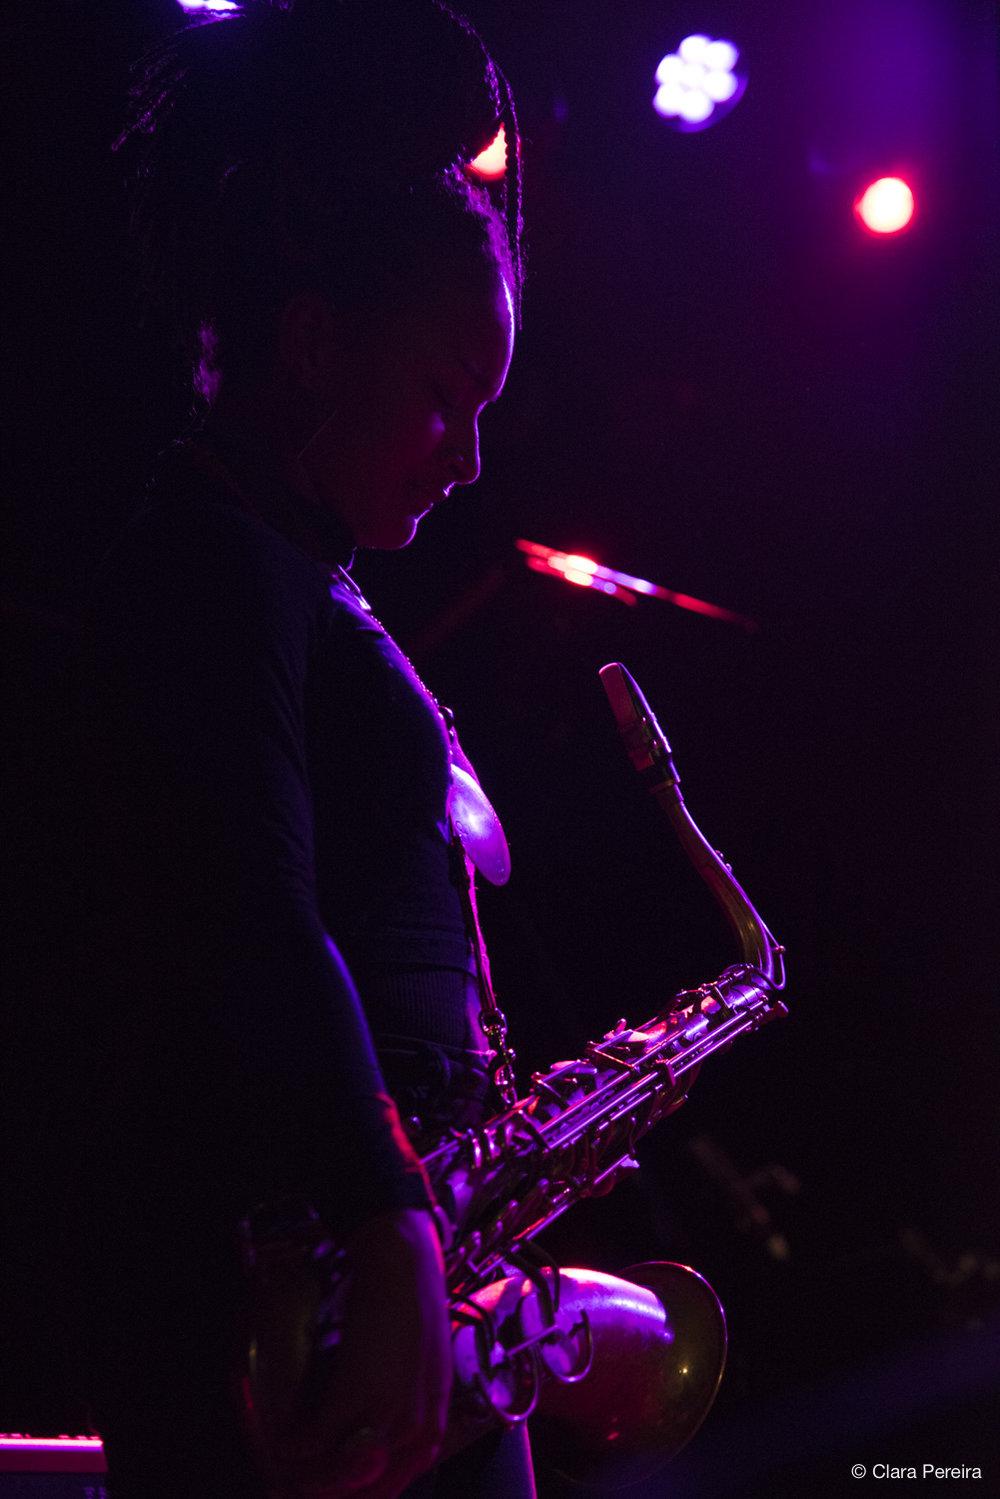 Nubya Garcia, 2019